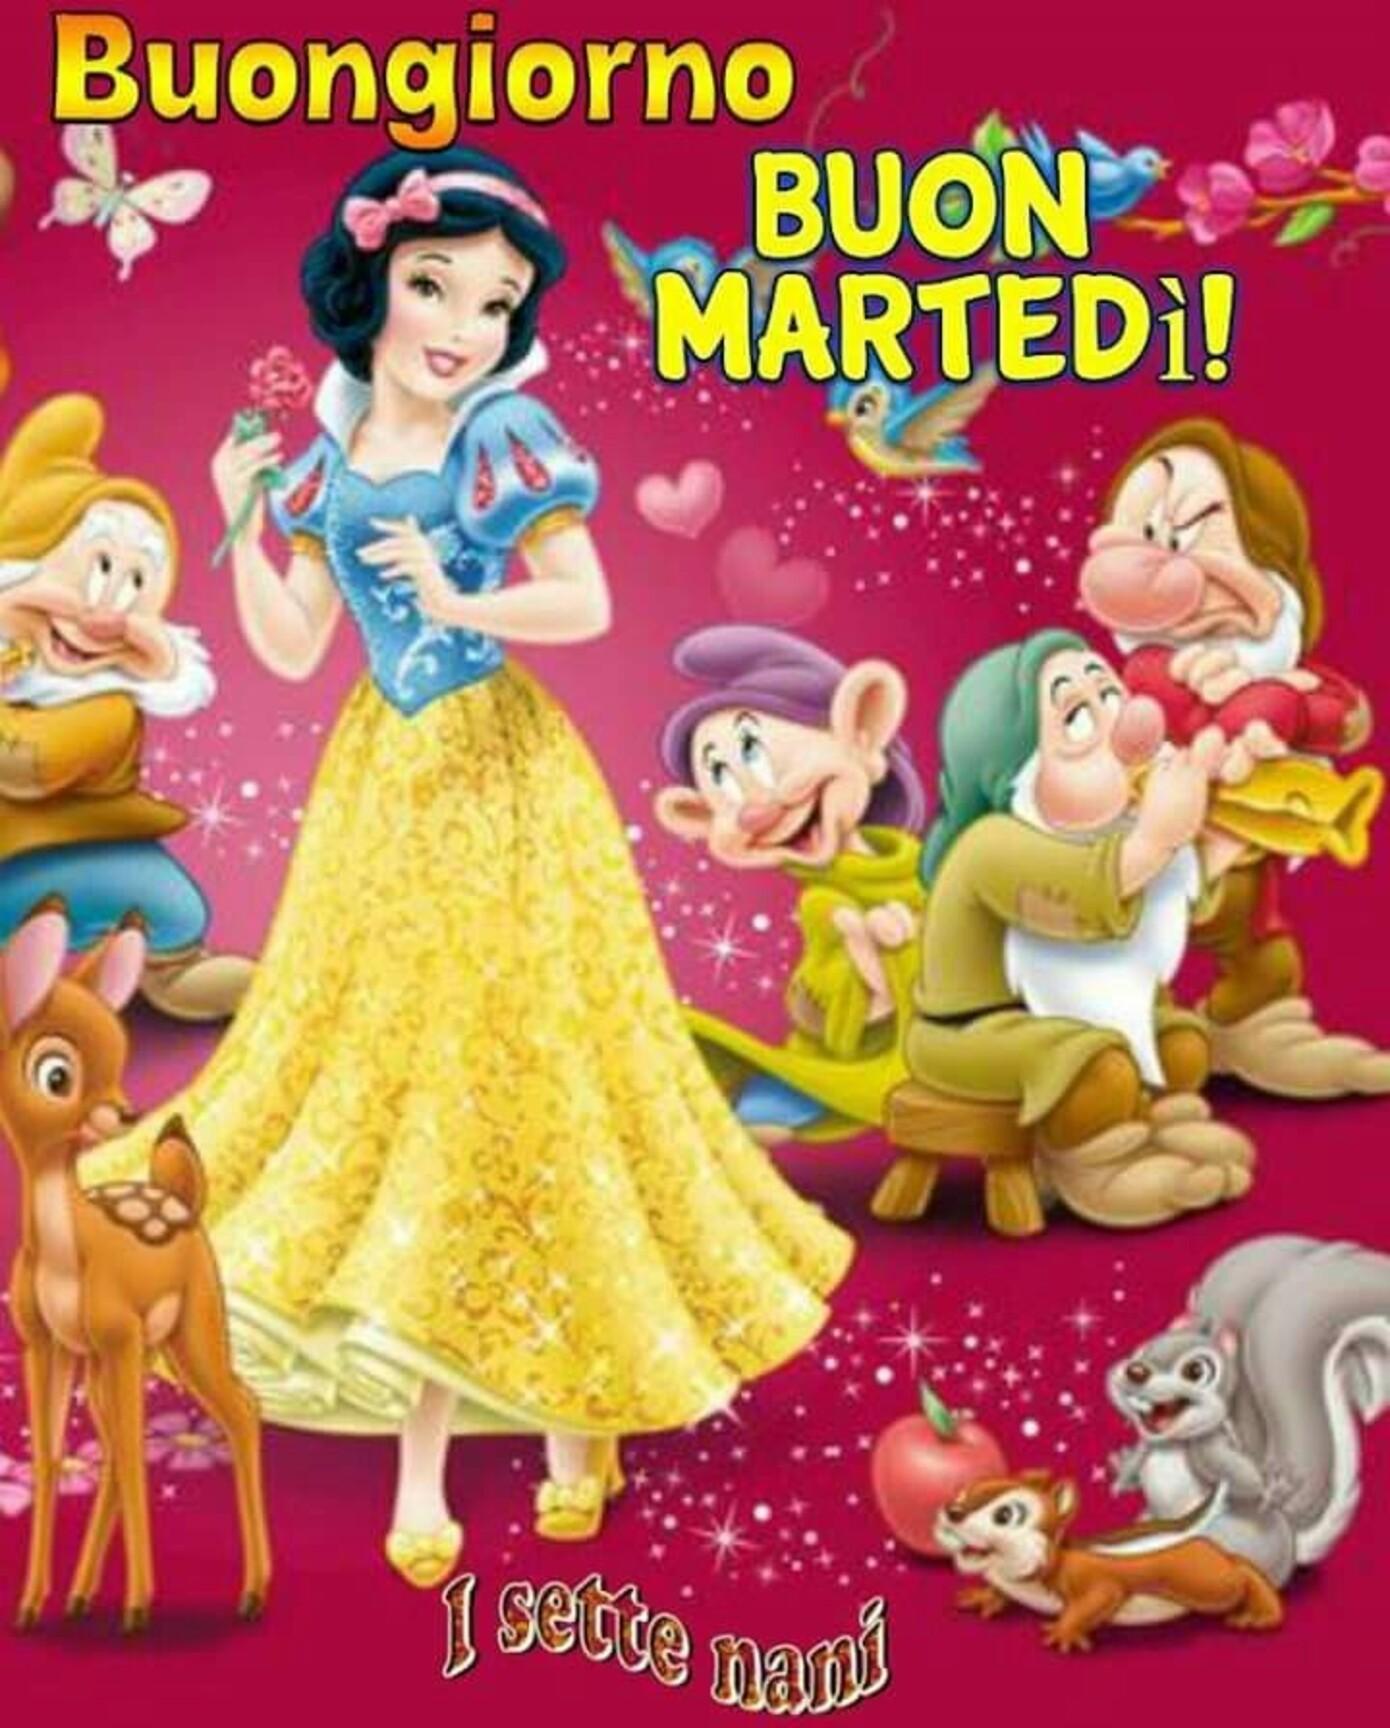 Buongiorno BUON MARTEDI'  Disney